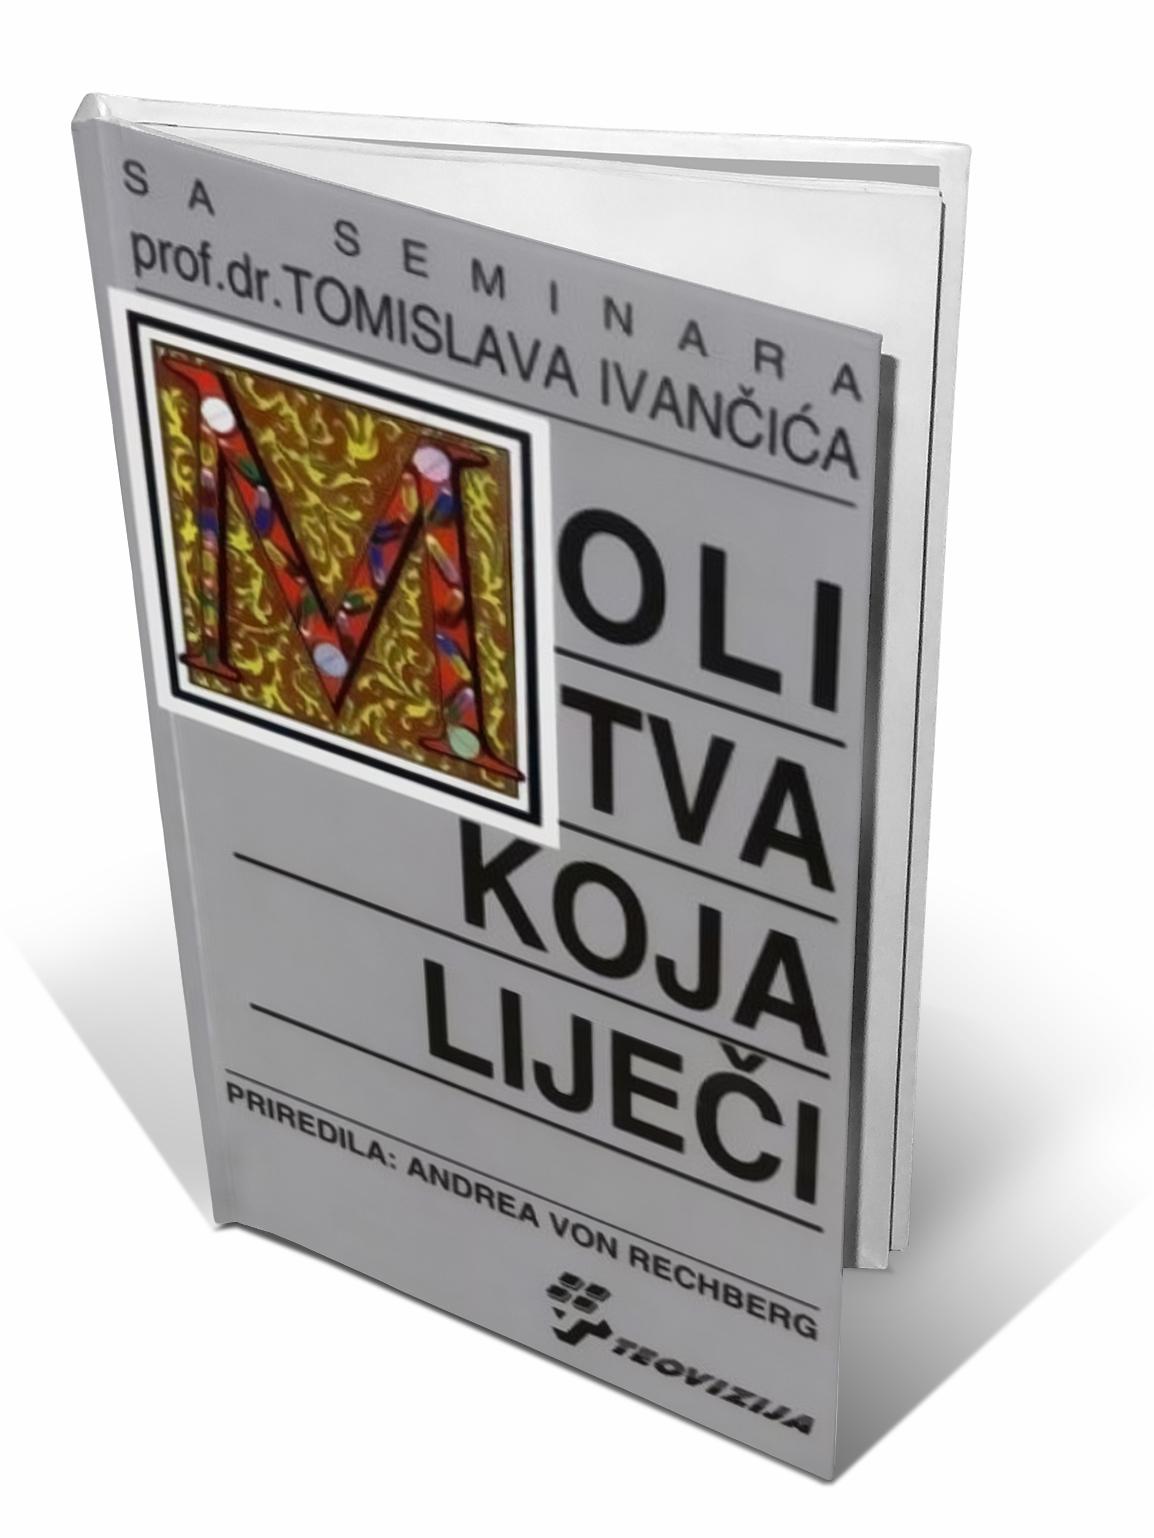 MOLITVA KOJA LIJEČI - Tomislav Ivančić